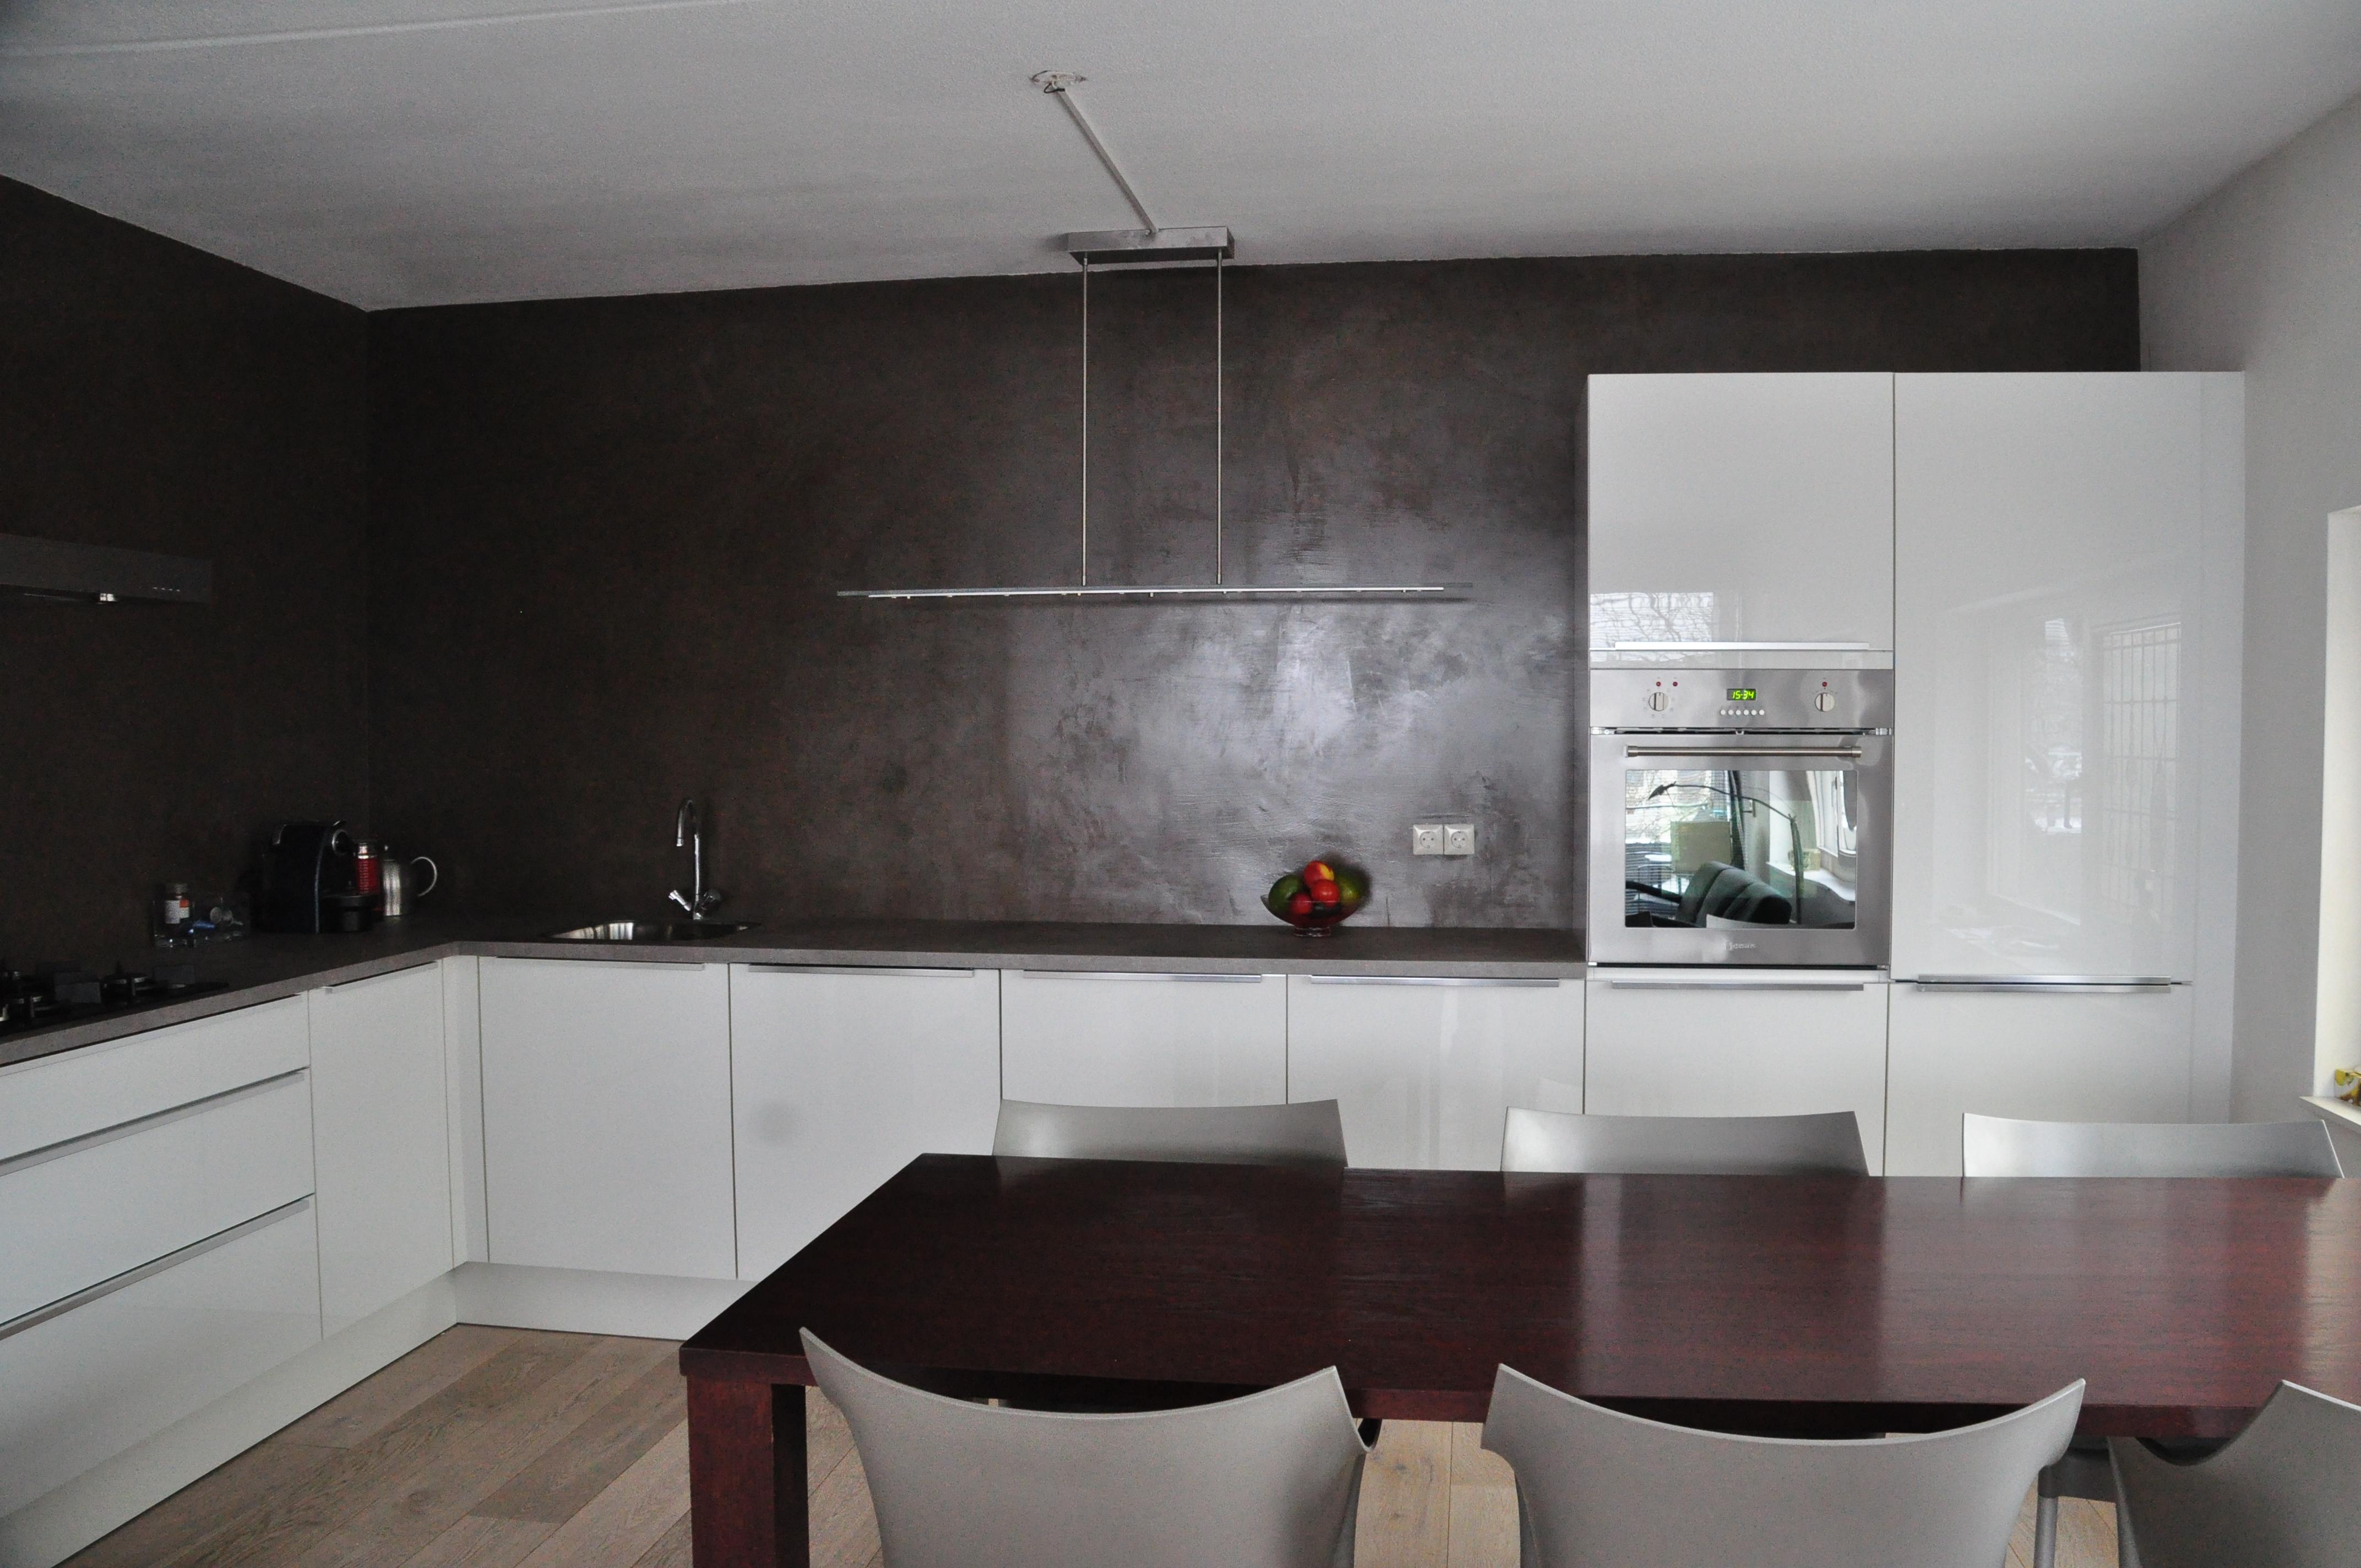 De spaan showroom stucwerk keukens achterwanden project en gelderland - Keuken in i ...